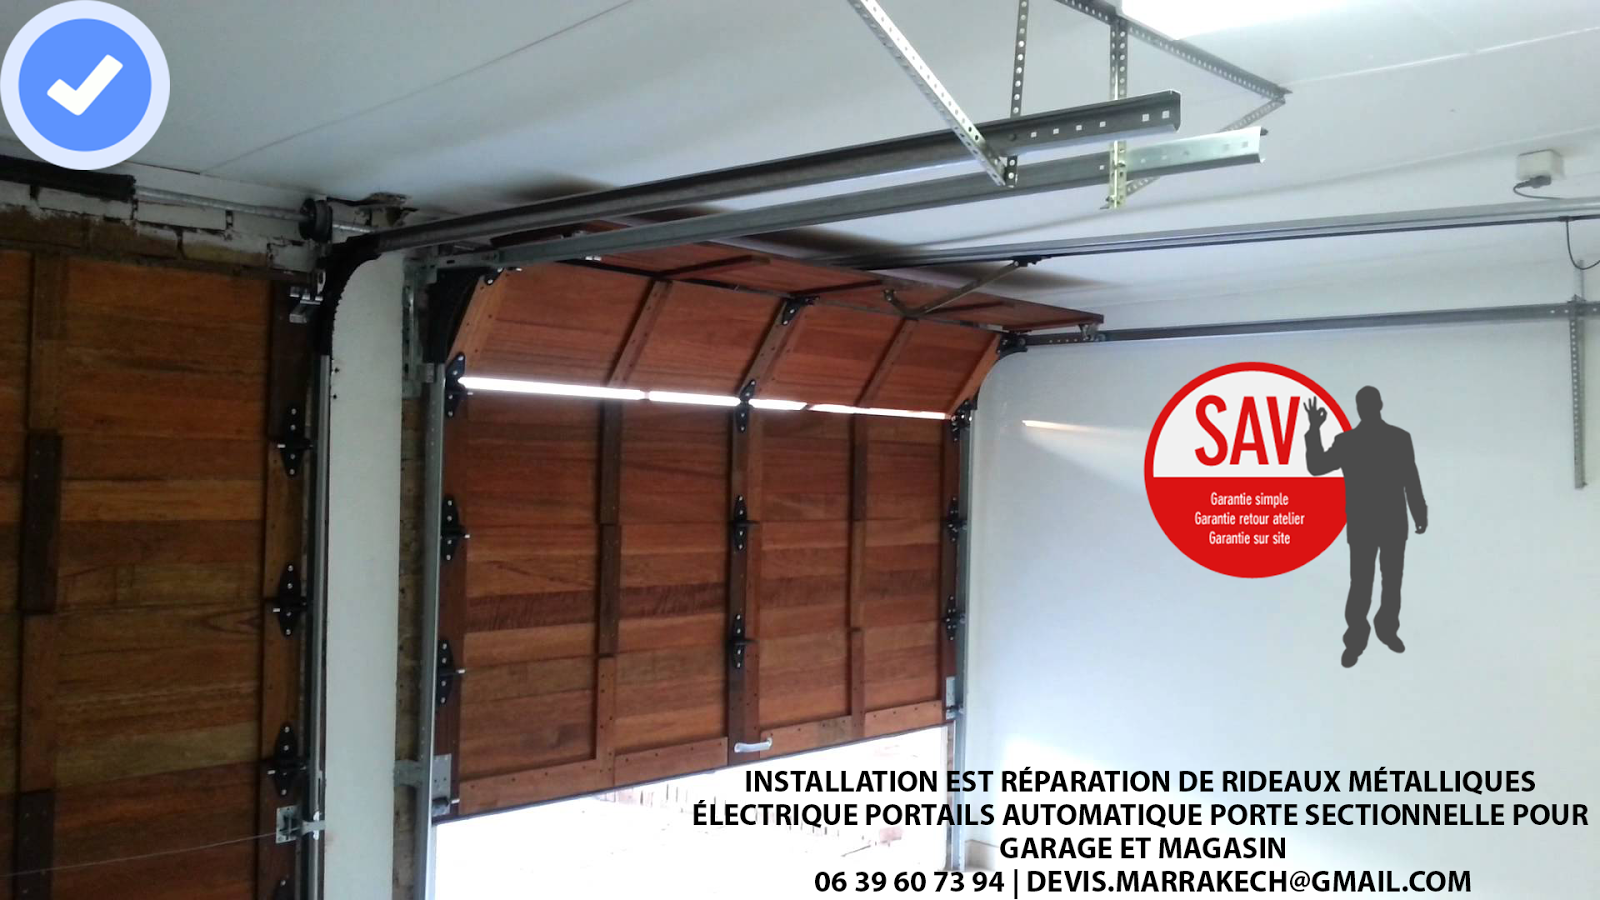 Installation est r paration de rideaux m talliques for Rideau electrique garage